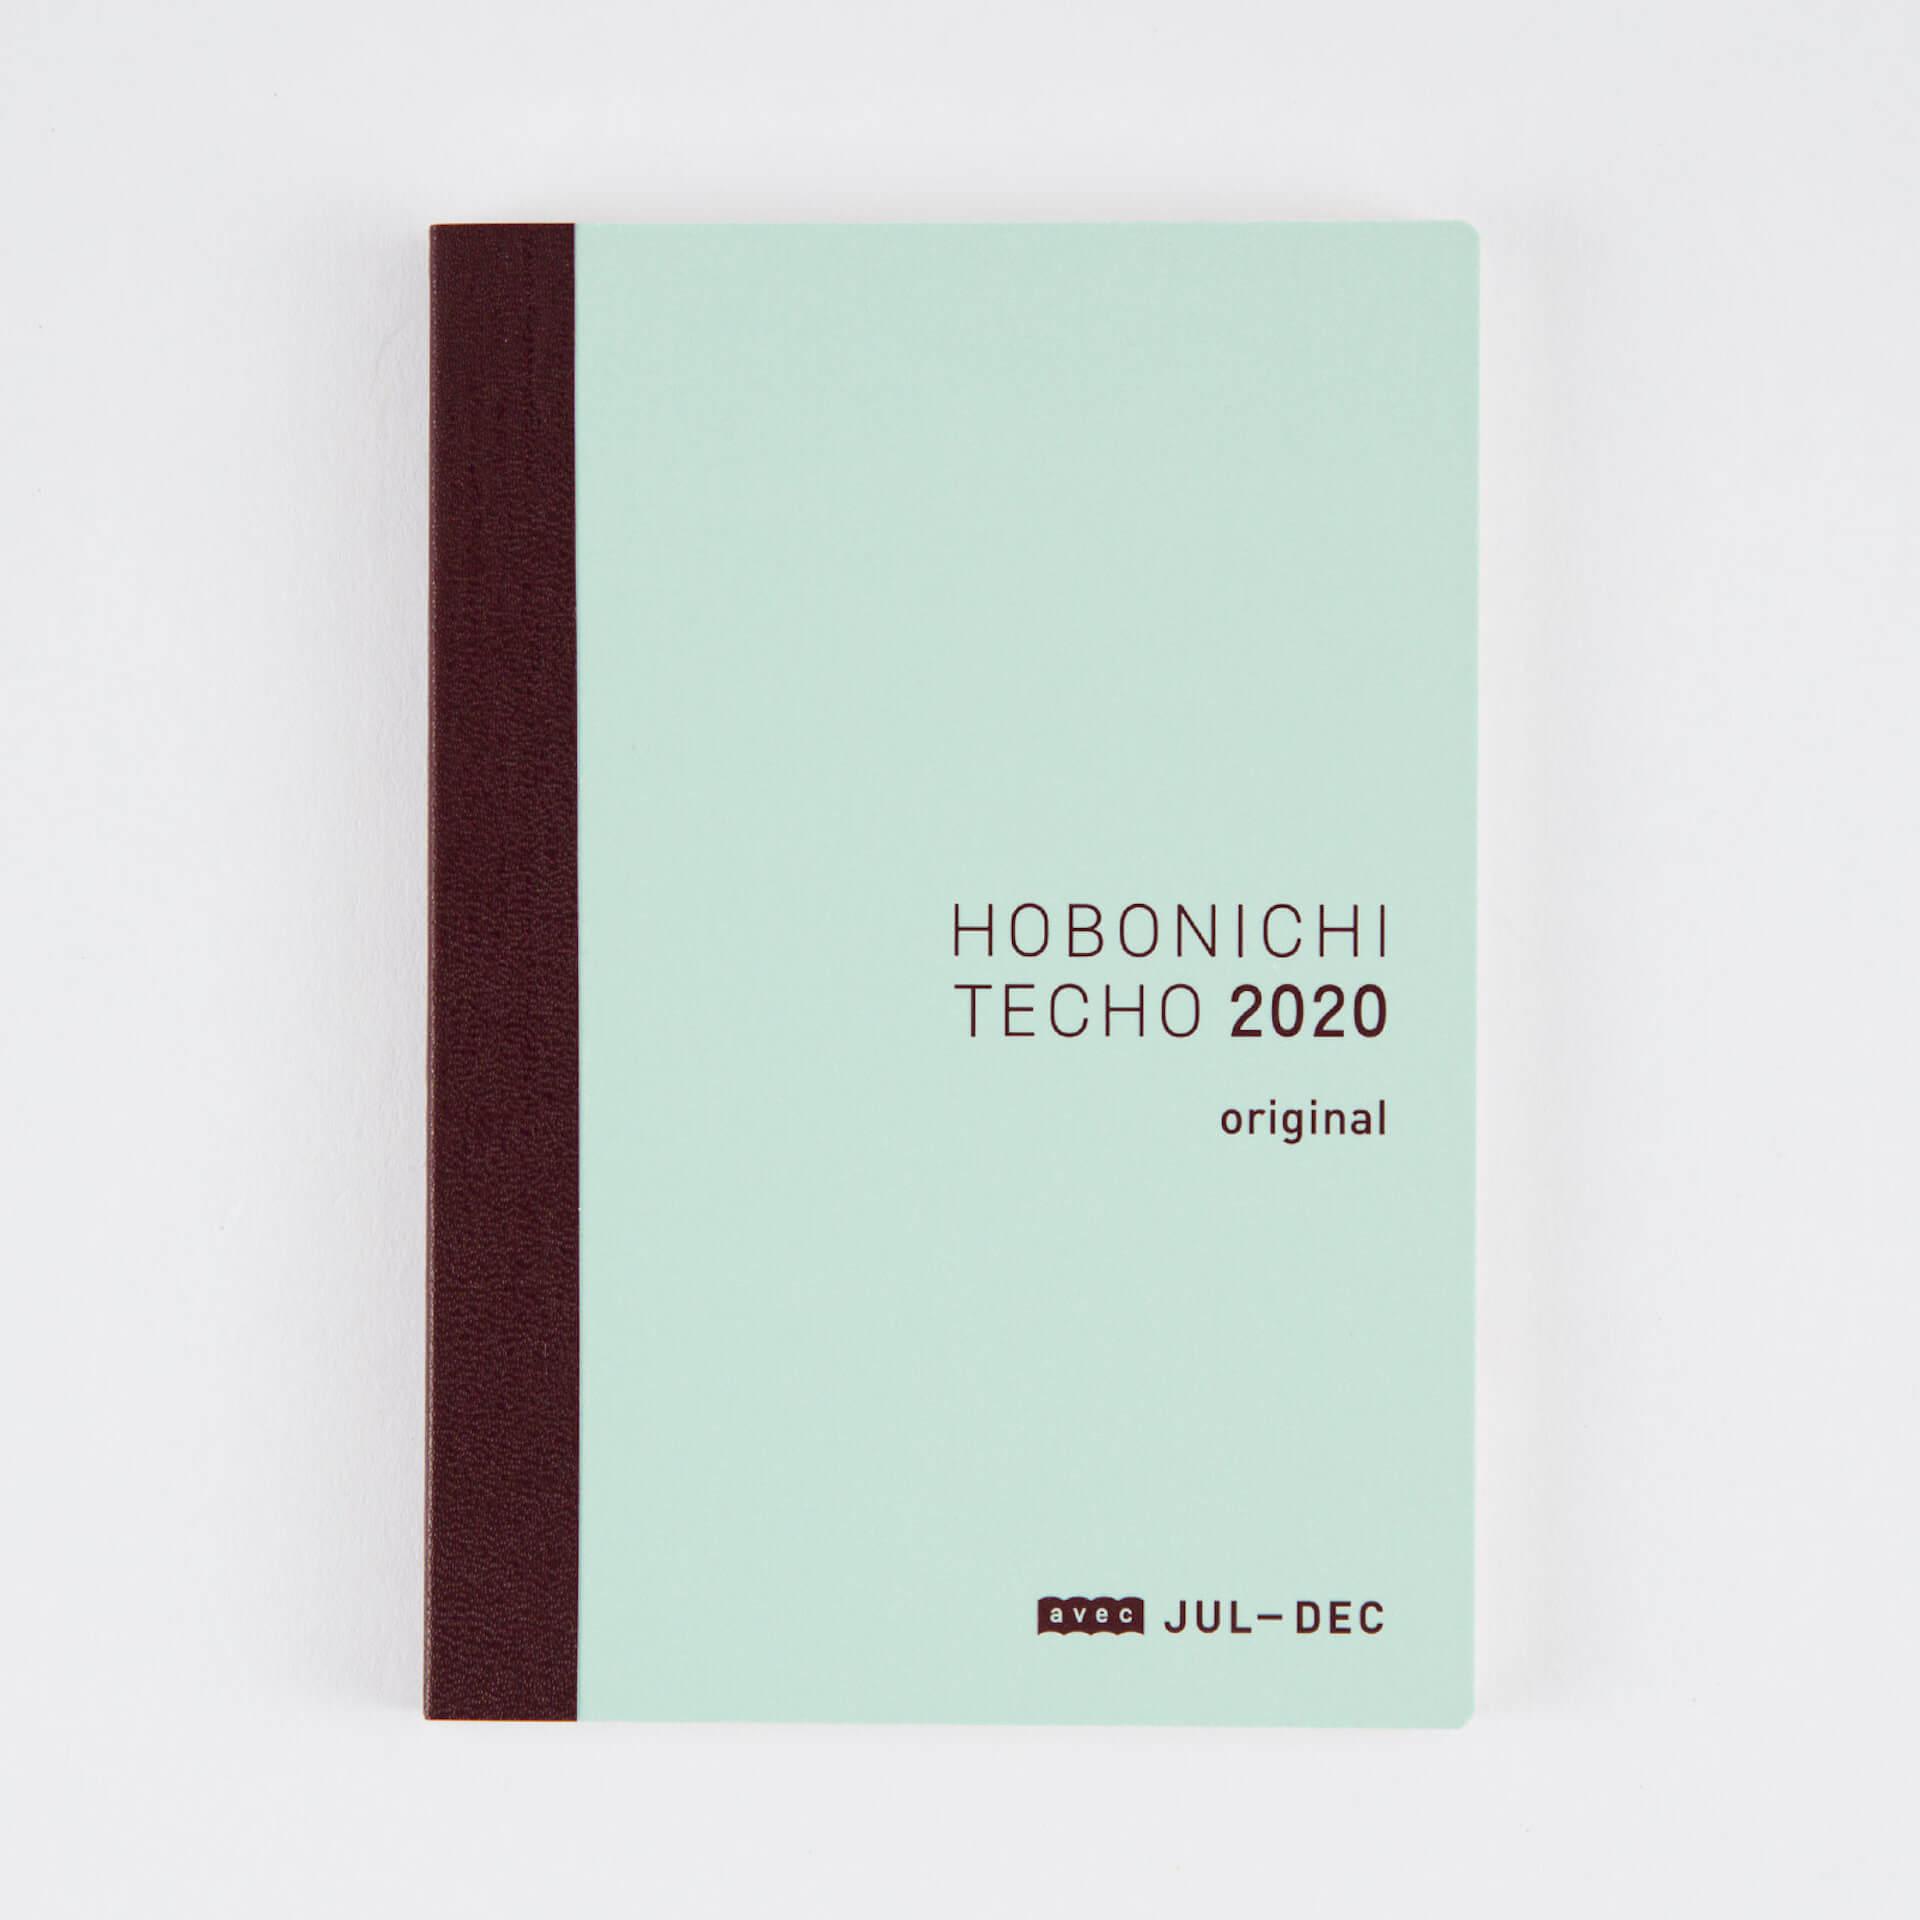 7月始まり・スリムサイズのほぼ日手帳『avec 後期』が販売開始!ほぼ日ストアで送料無料キャンペーンも実施中 ac200601_hobonichi_avec_02